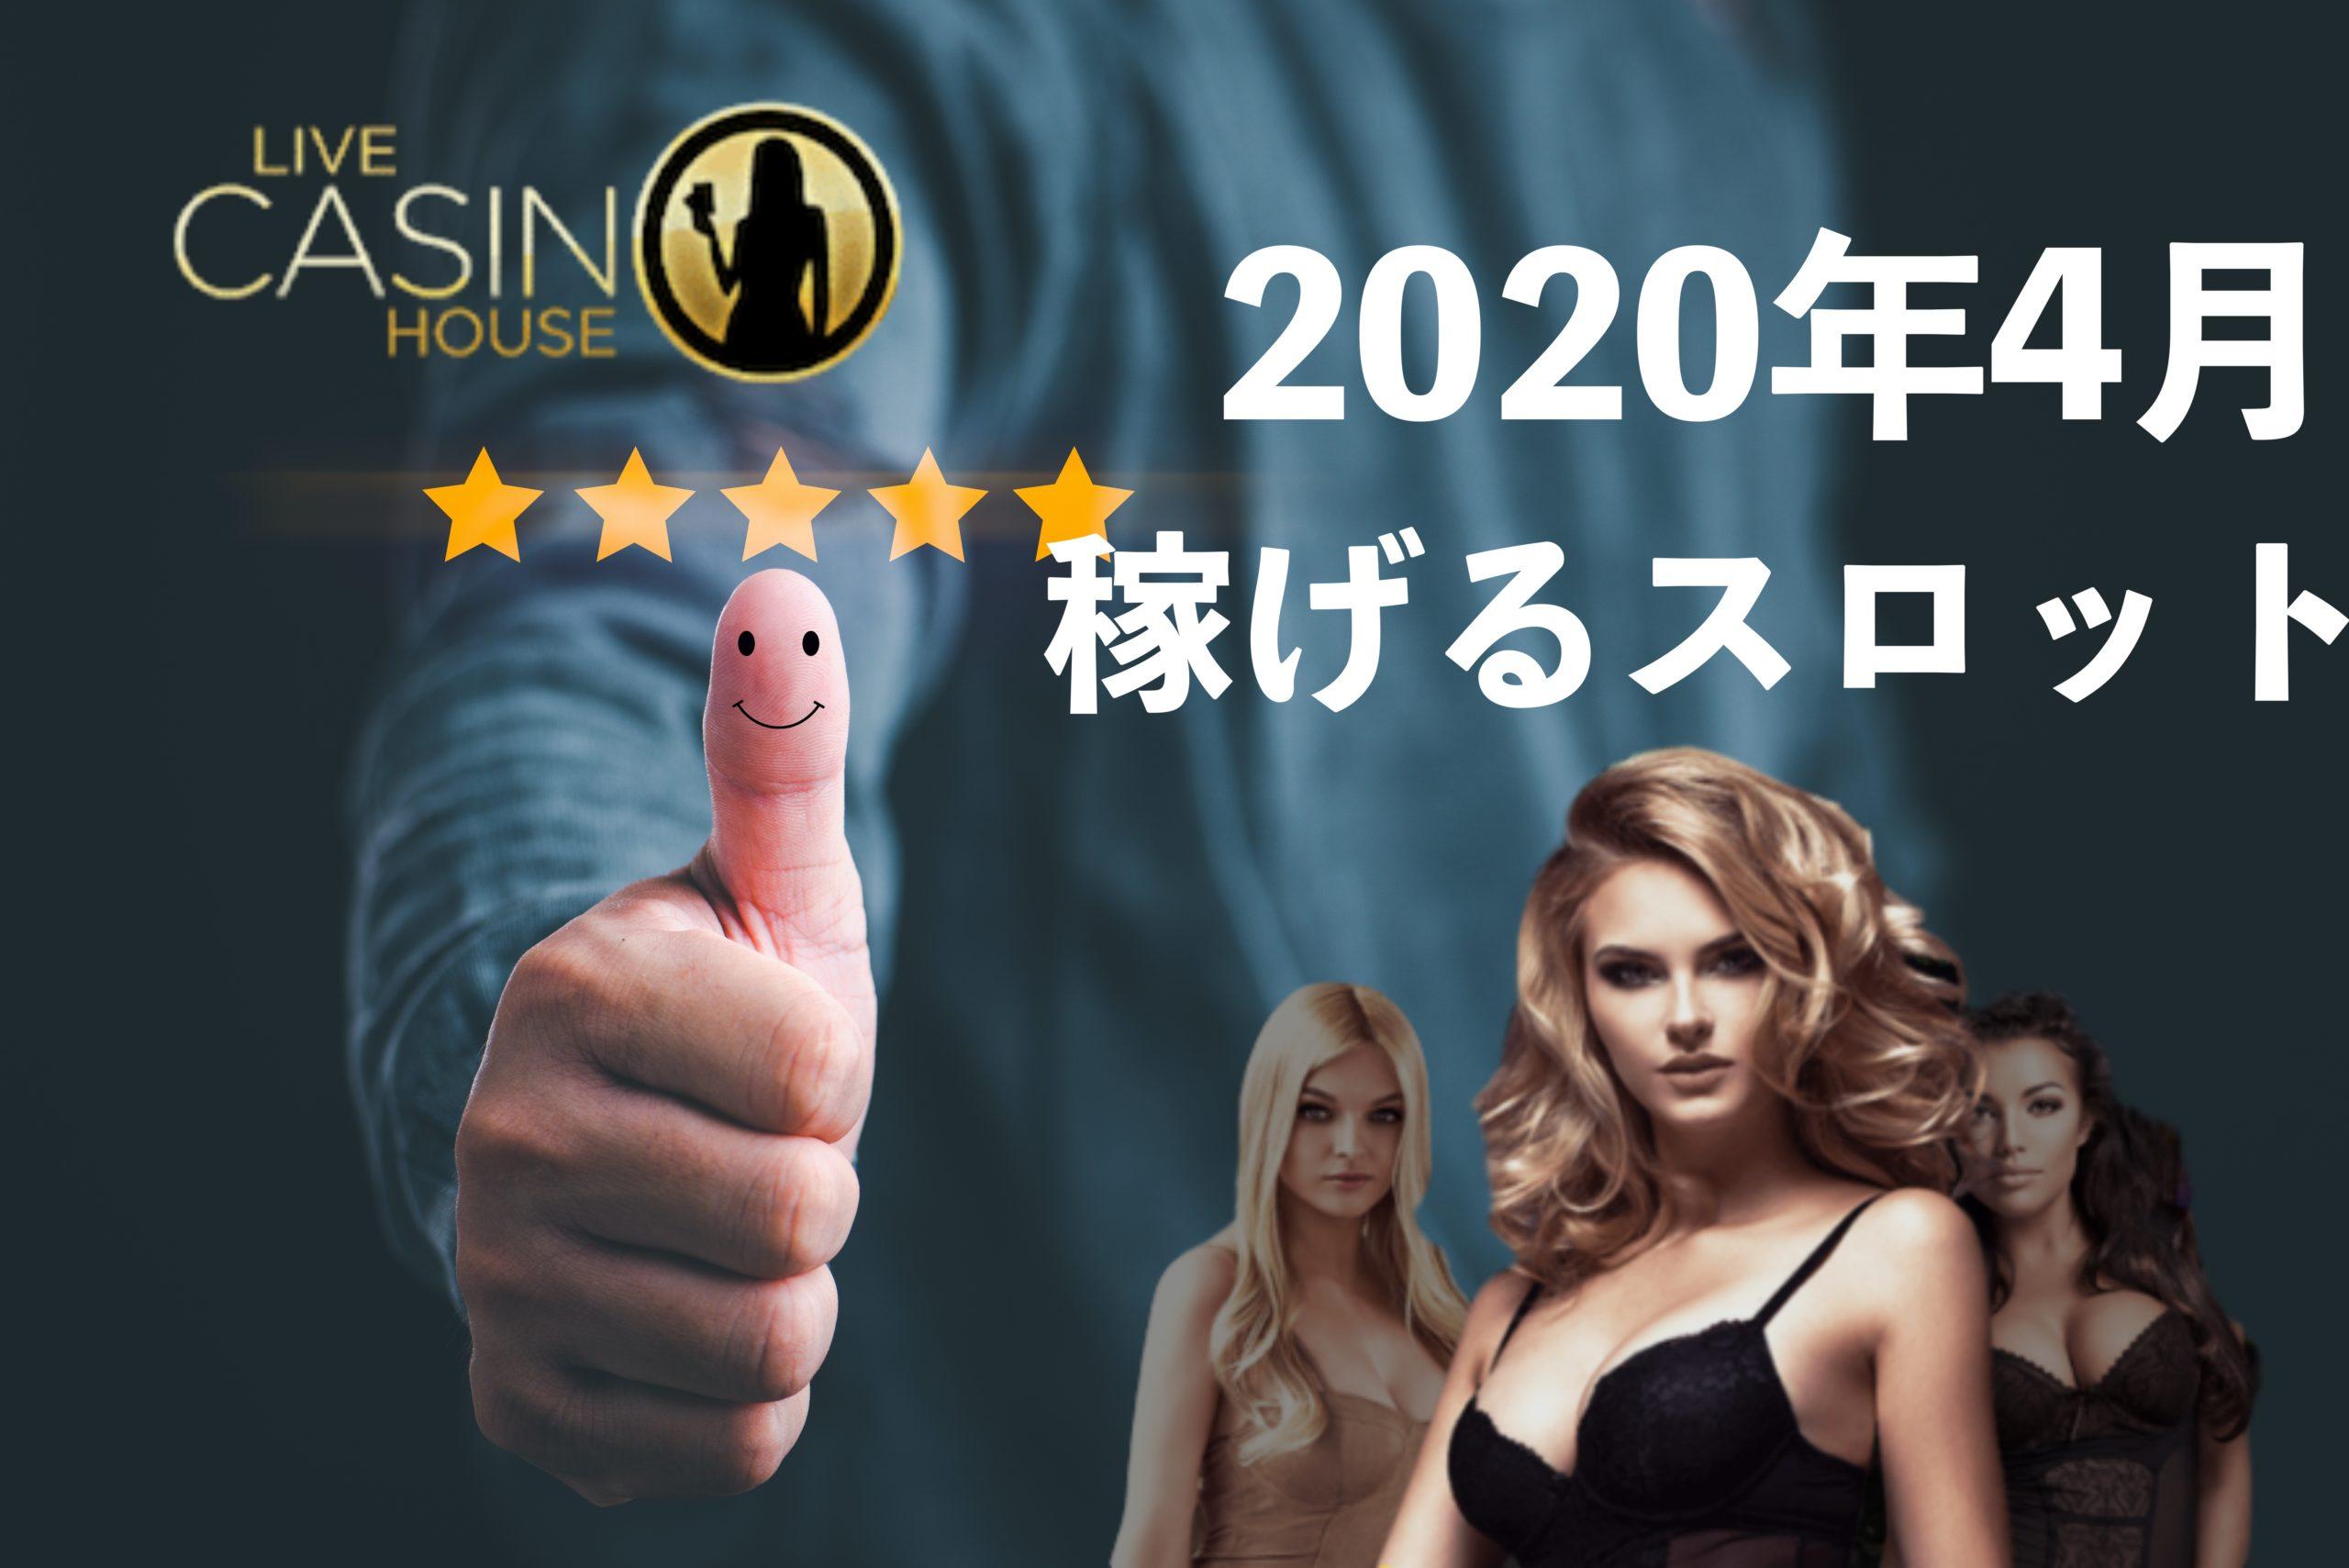 【2020年4月】ライブカジノハウスで稼げたスロットTOP5|勝利金獲得ランキングも